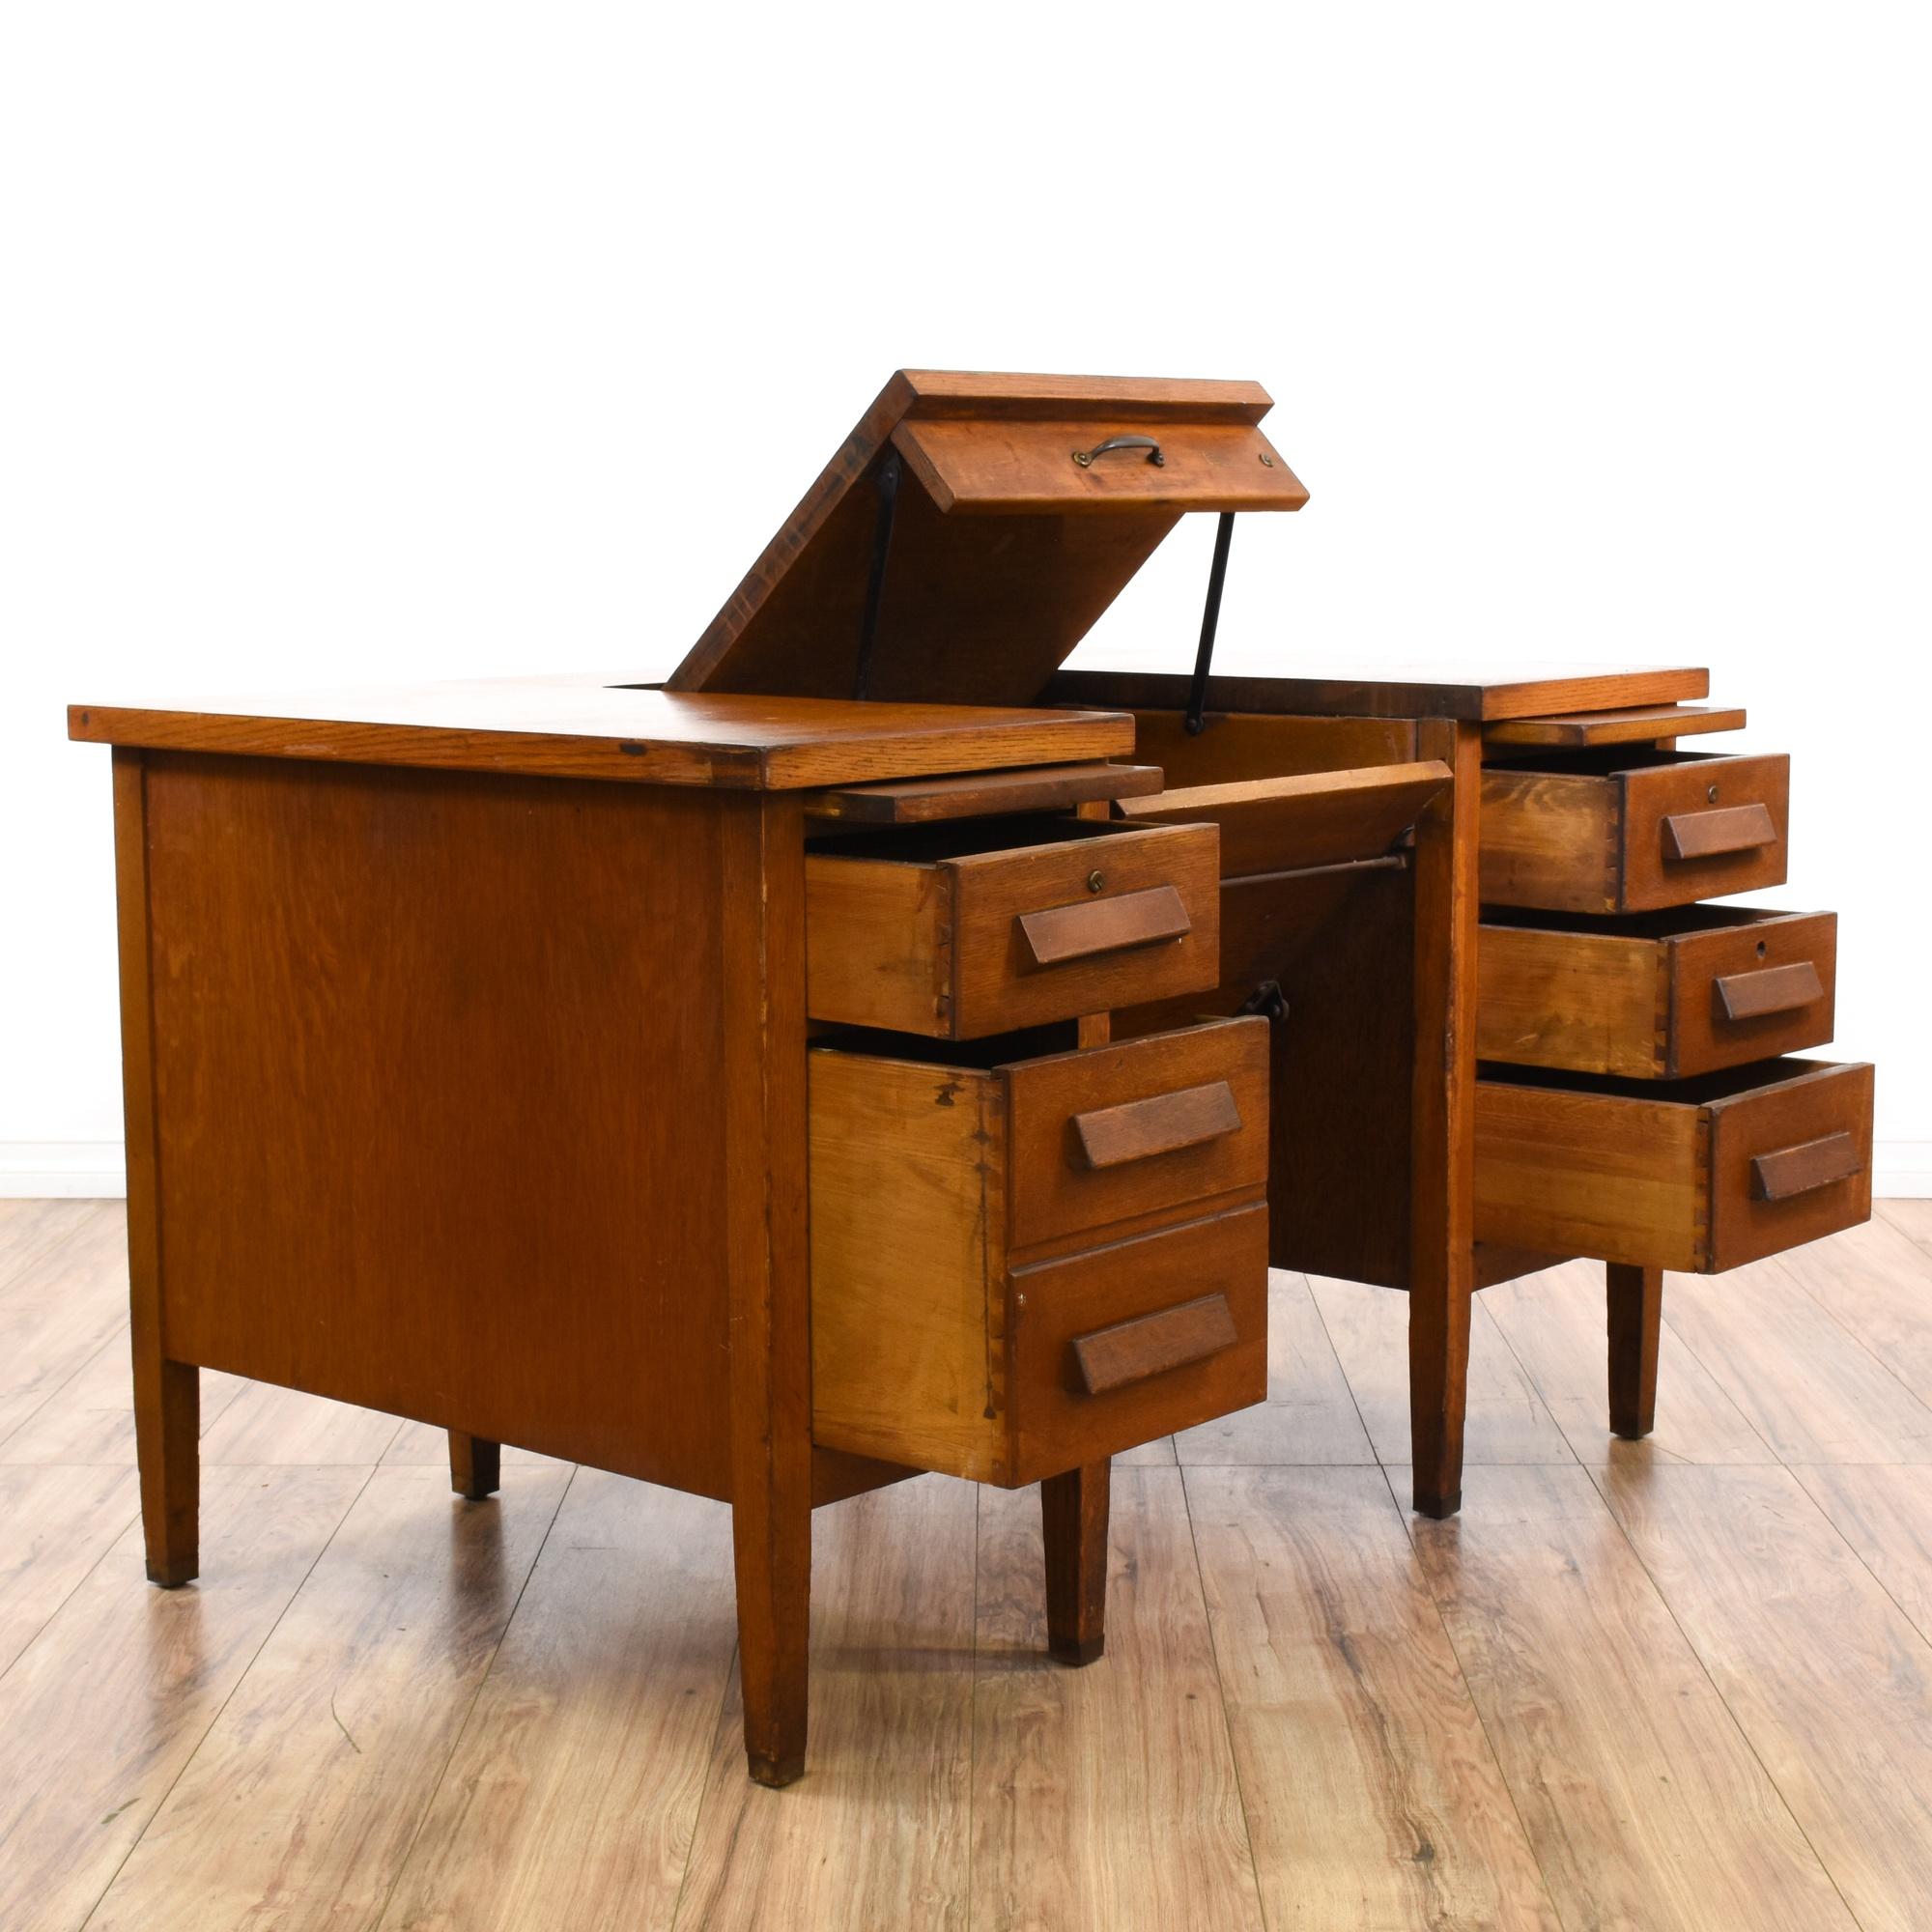 5 Drawer Lift Top Typewriter Desk Loveseat Vintage